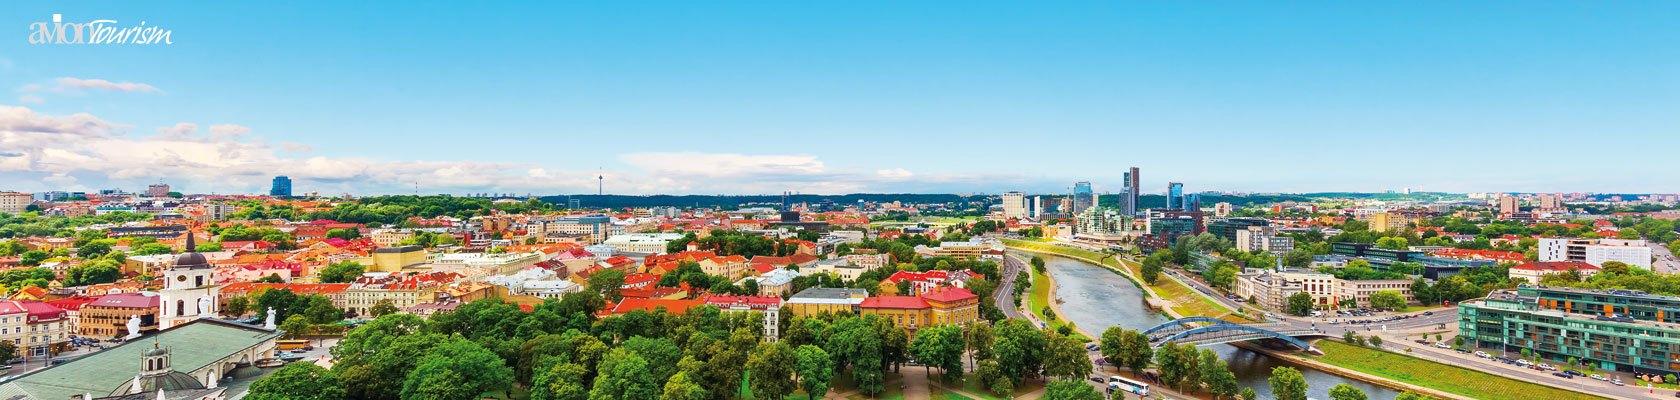 Vilnius   Avion Tourism